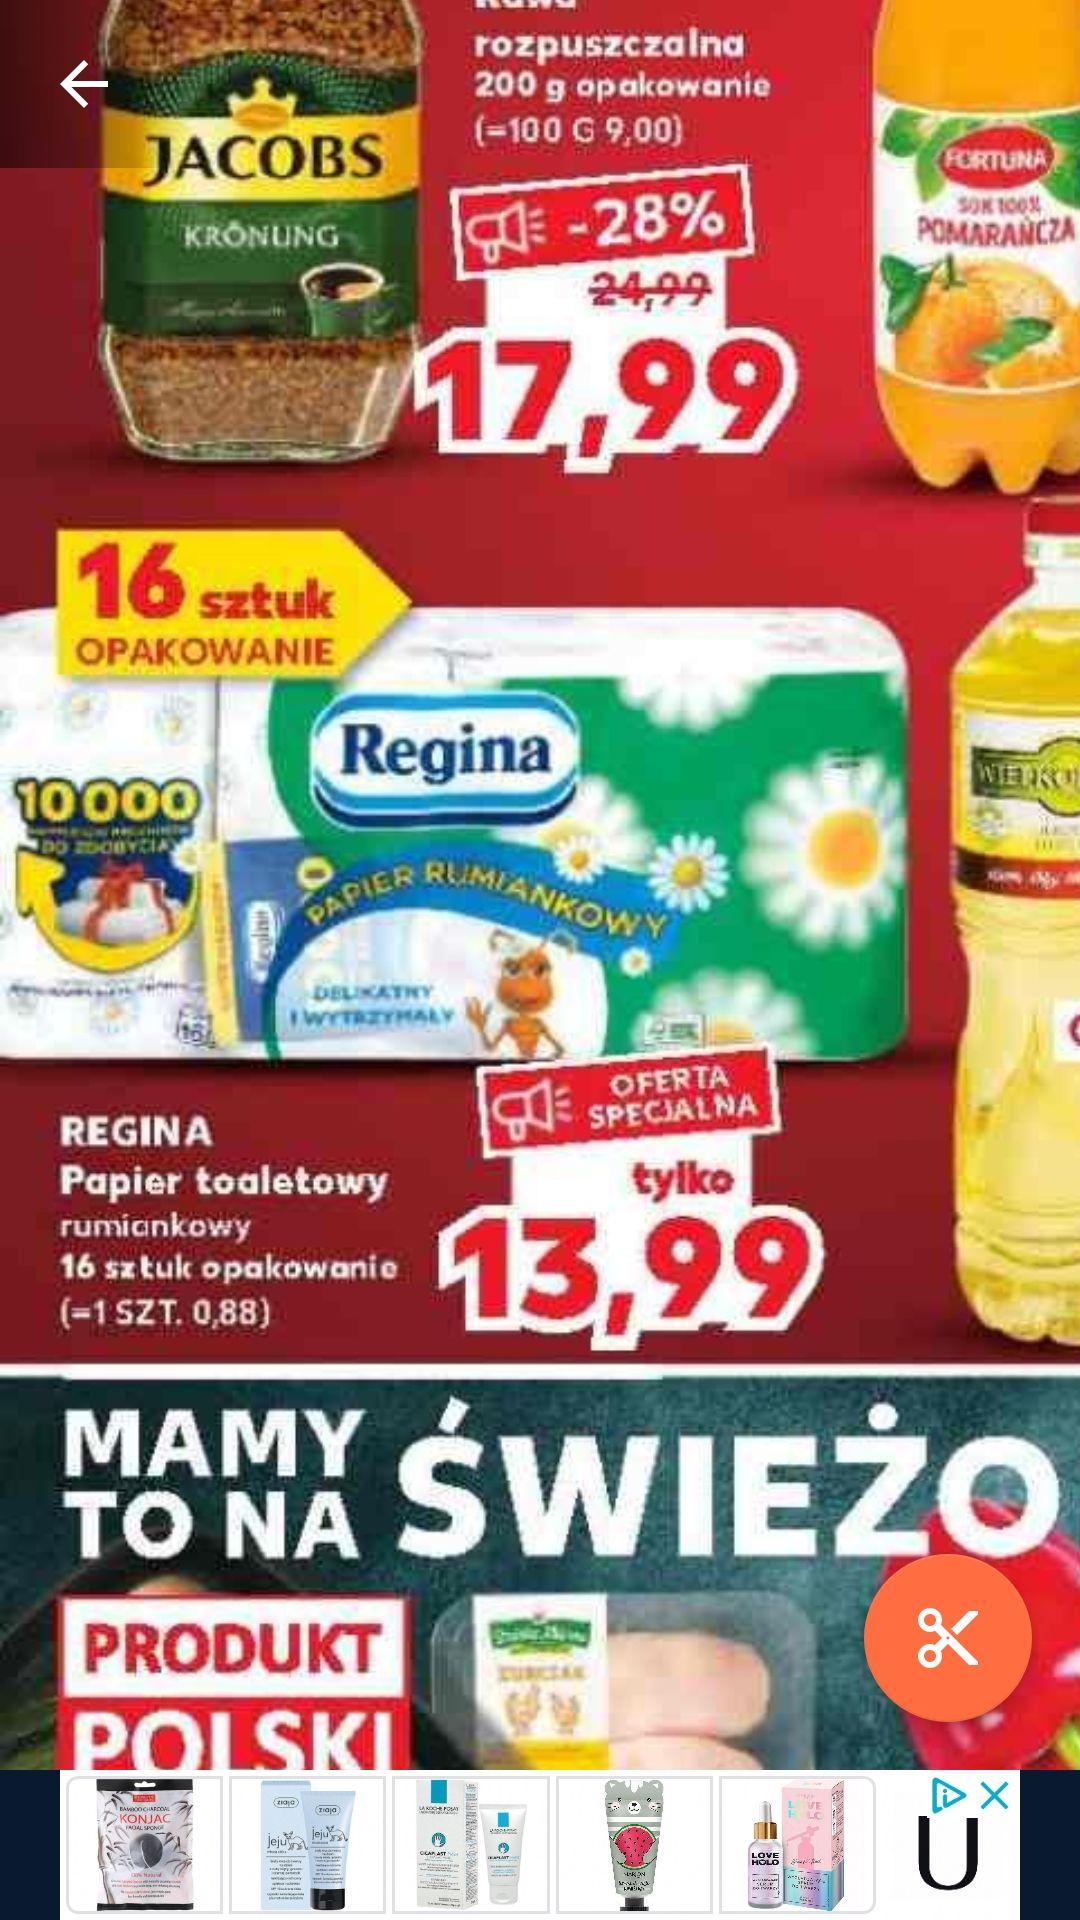 Kaufland - papier toaletowy REGINA 16 rolek. Cena za rolkę 0,88 pln